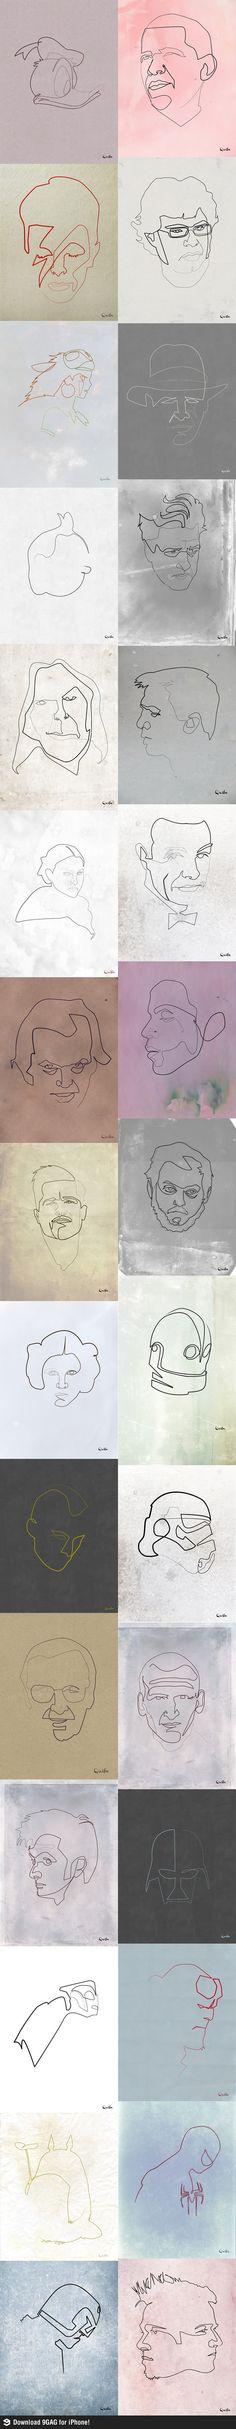 Ilustraciones - Mucho en una sola linea